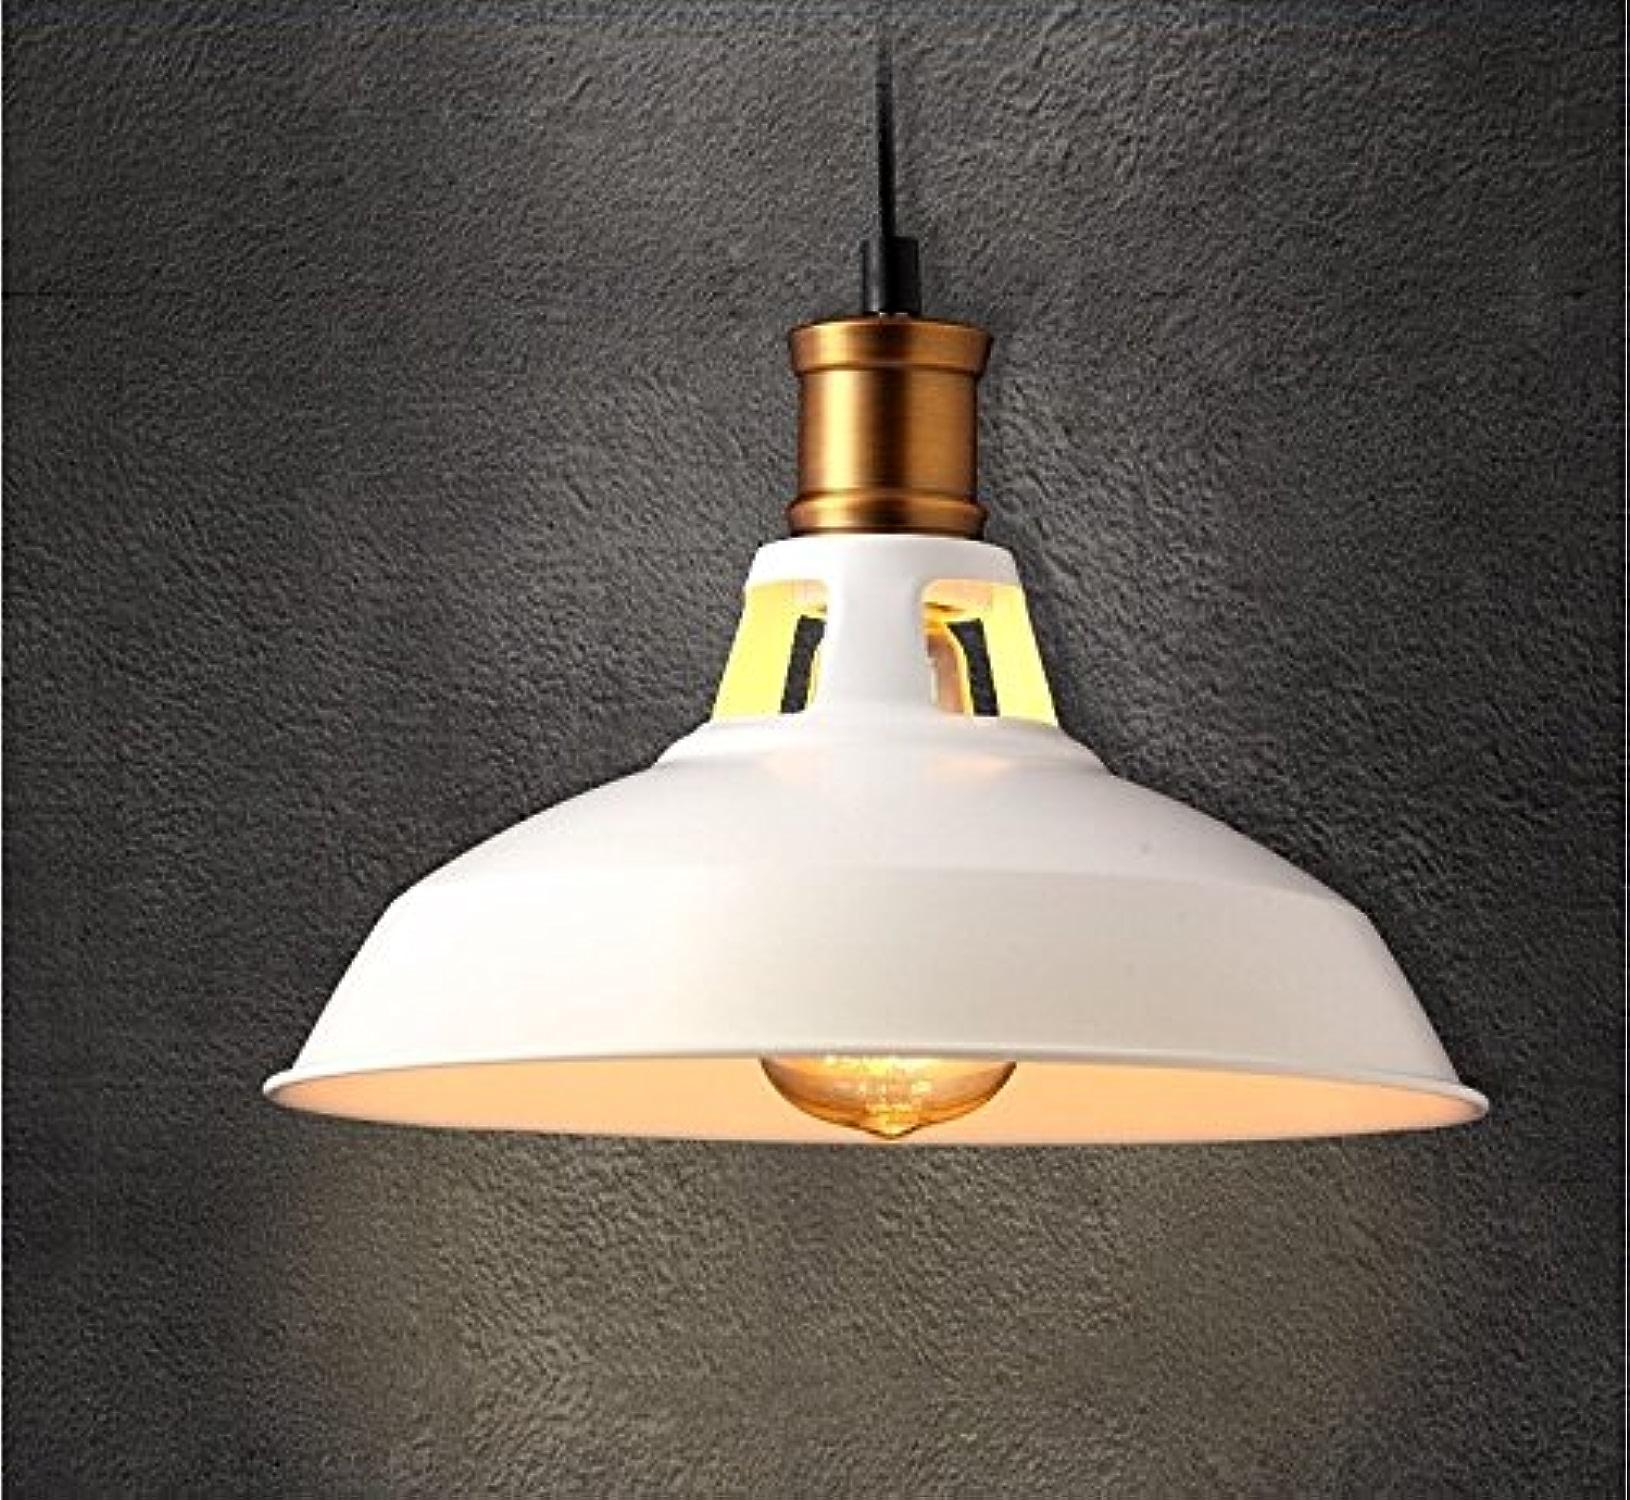 SJUN Style Loft Escalier Salon Chambre Industrielle Lanterne Créatrice Country Américain Lustre D'éclairage,Blanc-39 Cm